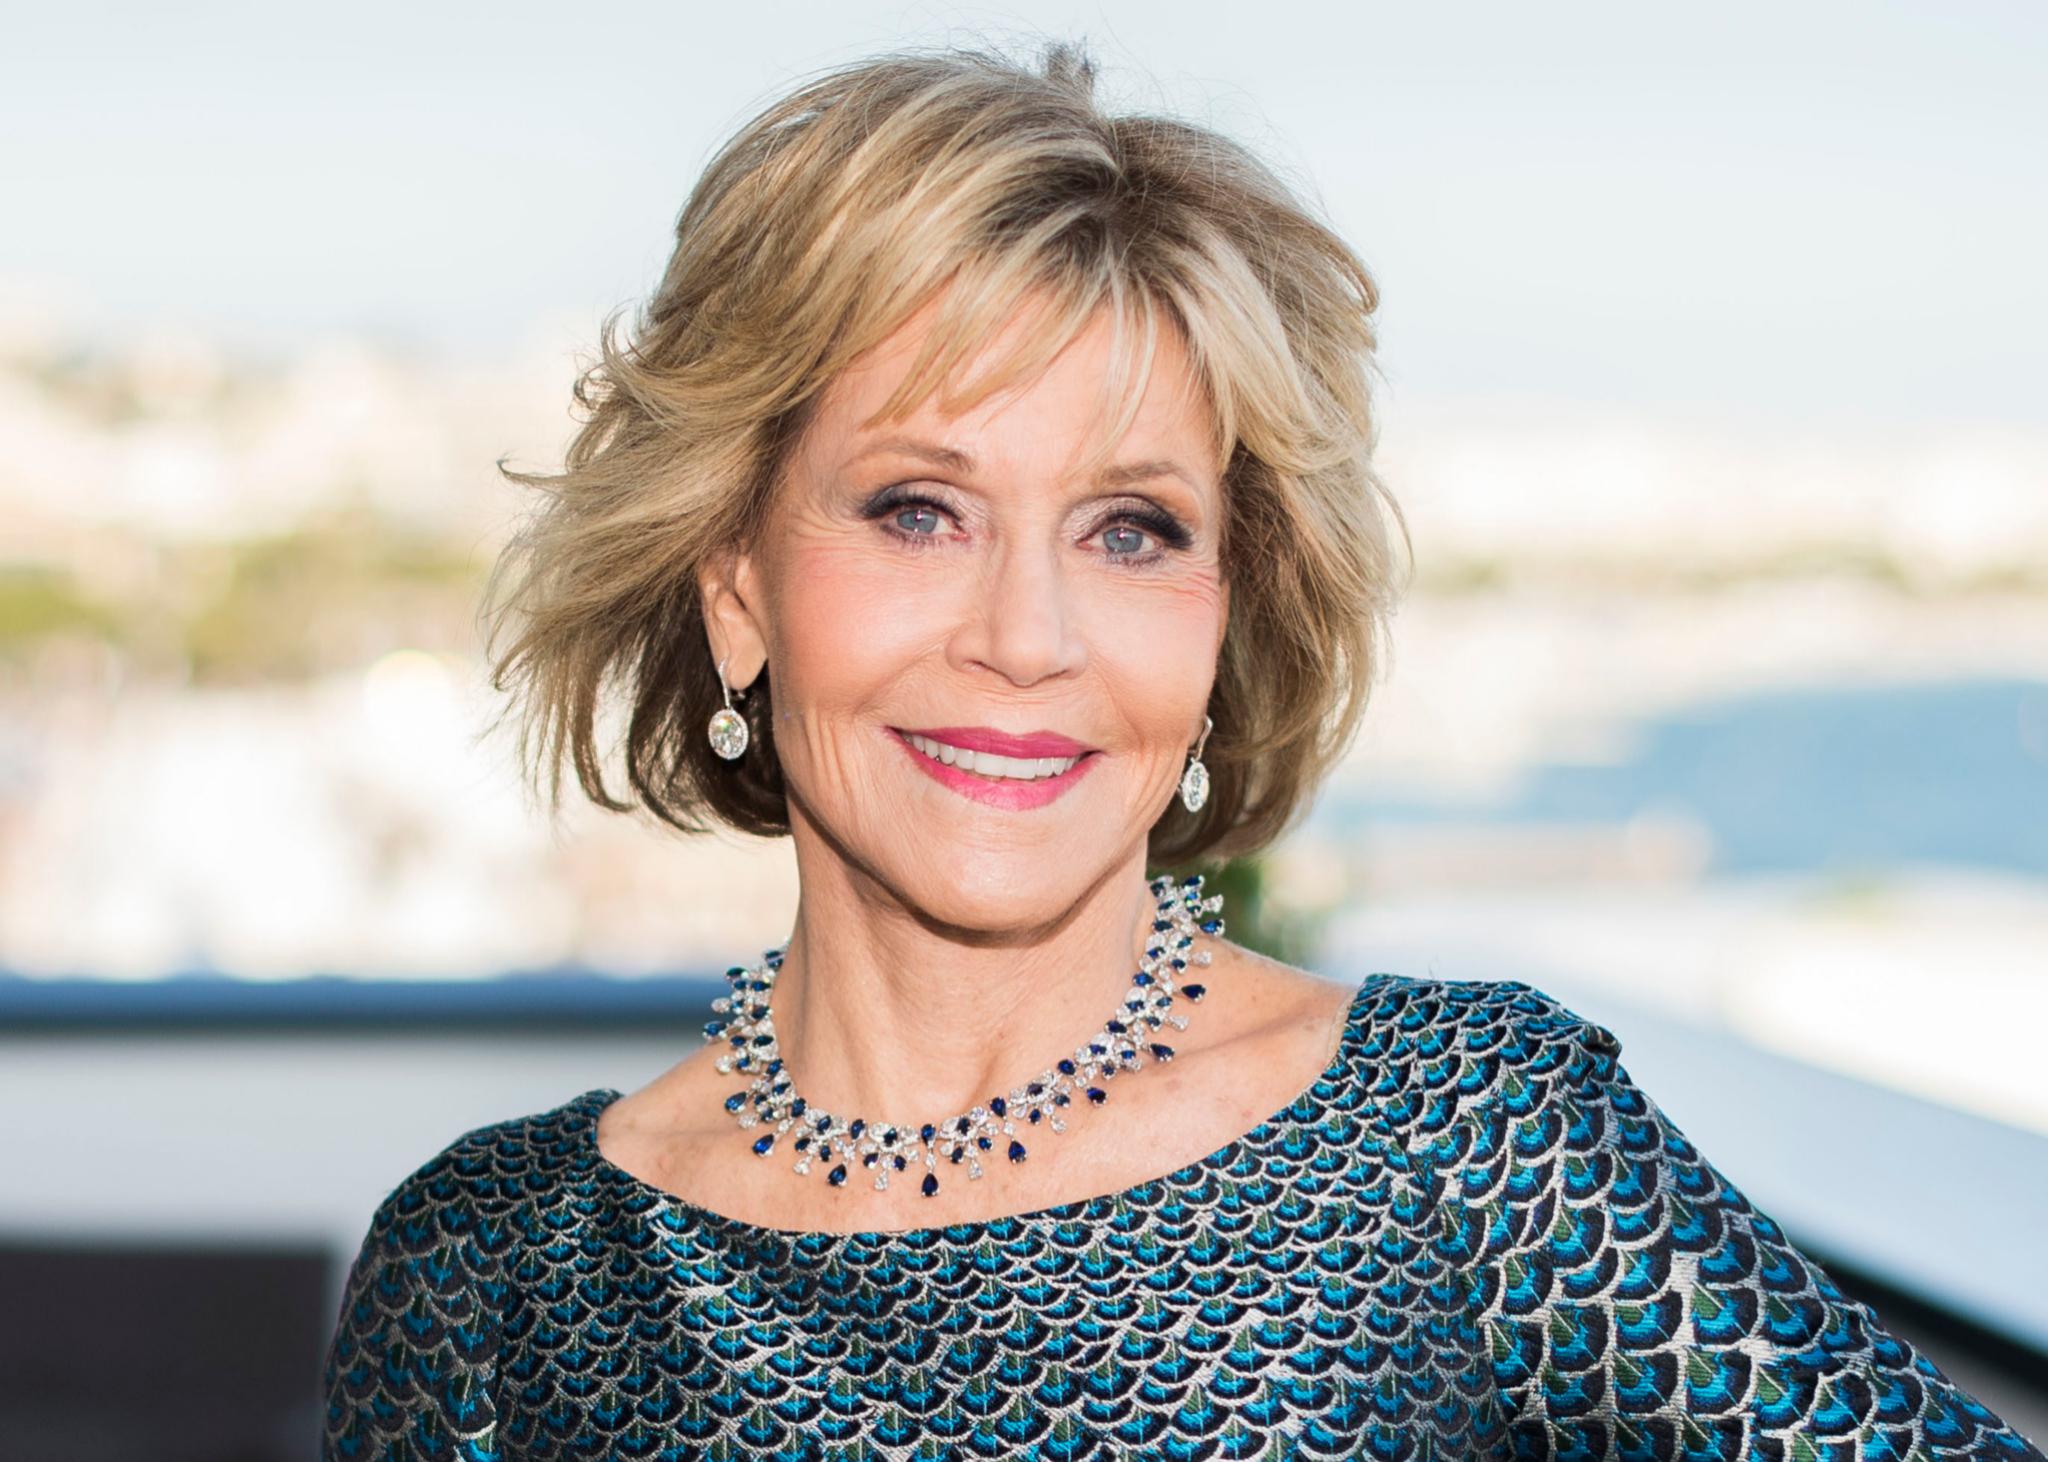 Jane Fonda luce un corte degradado con capas para su media melena que le aporta más volumen y movimiento a su cabello.